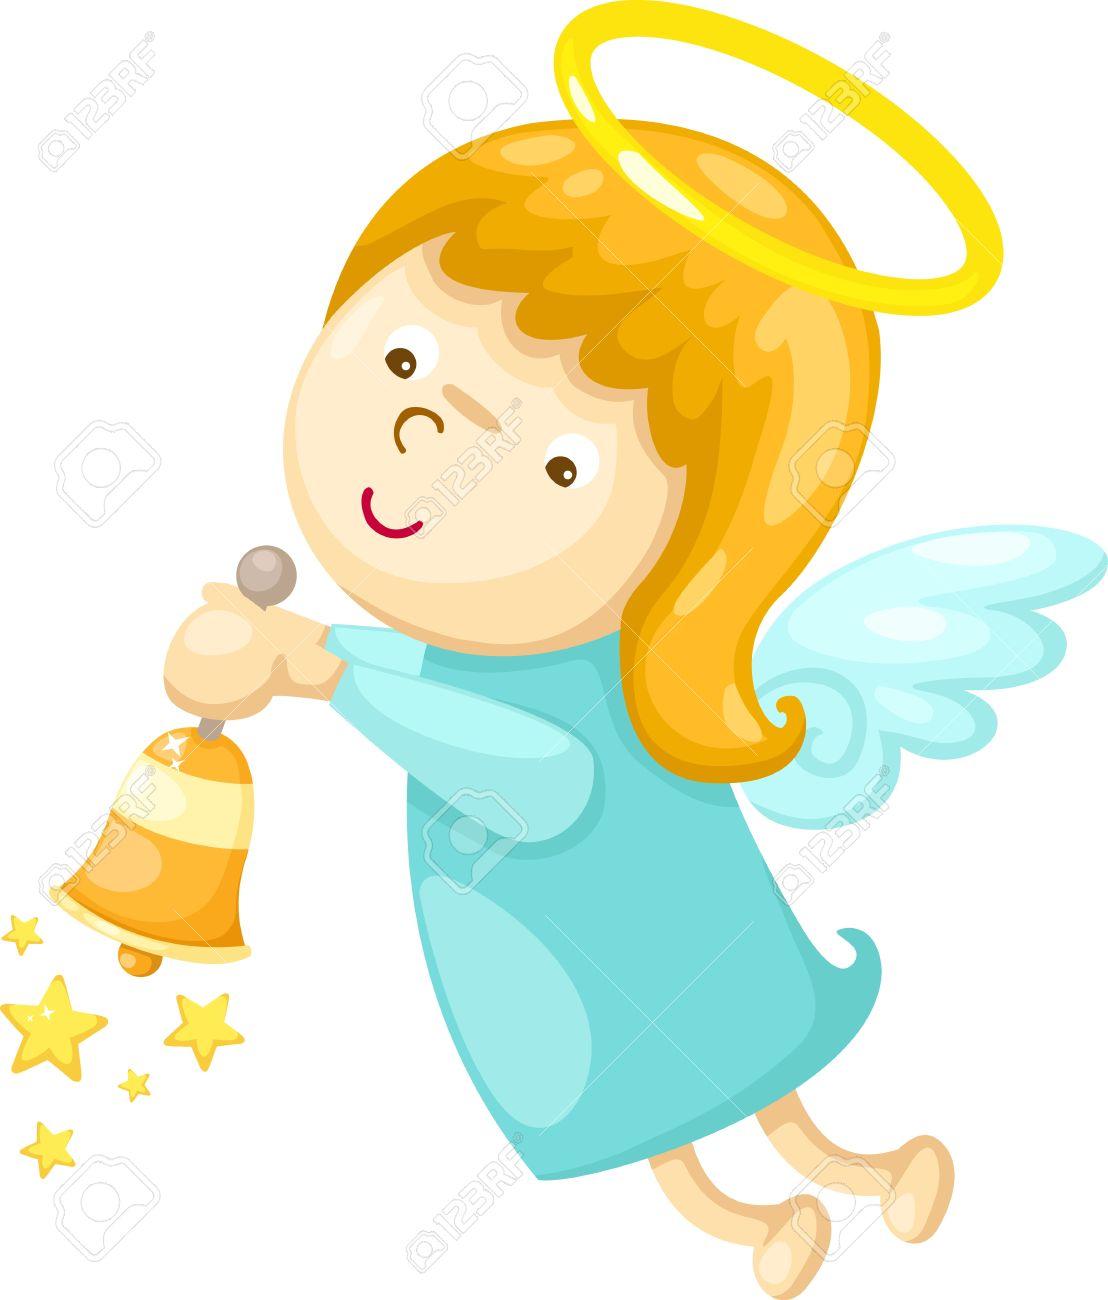 angel  Vector illustration  on white background Stock Vector - 17623537